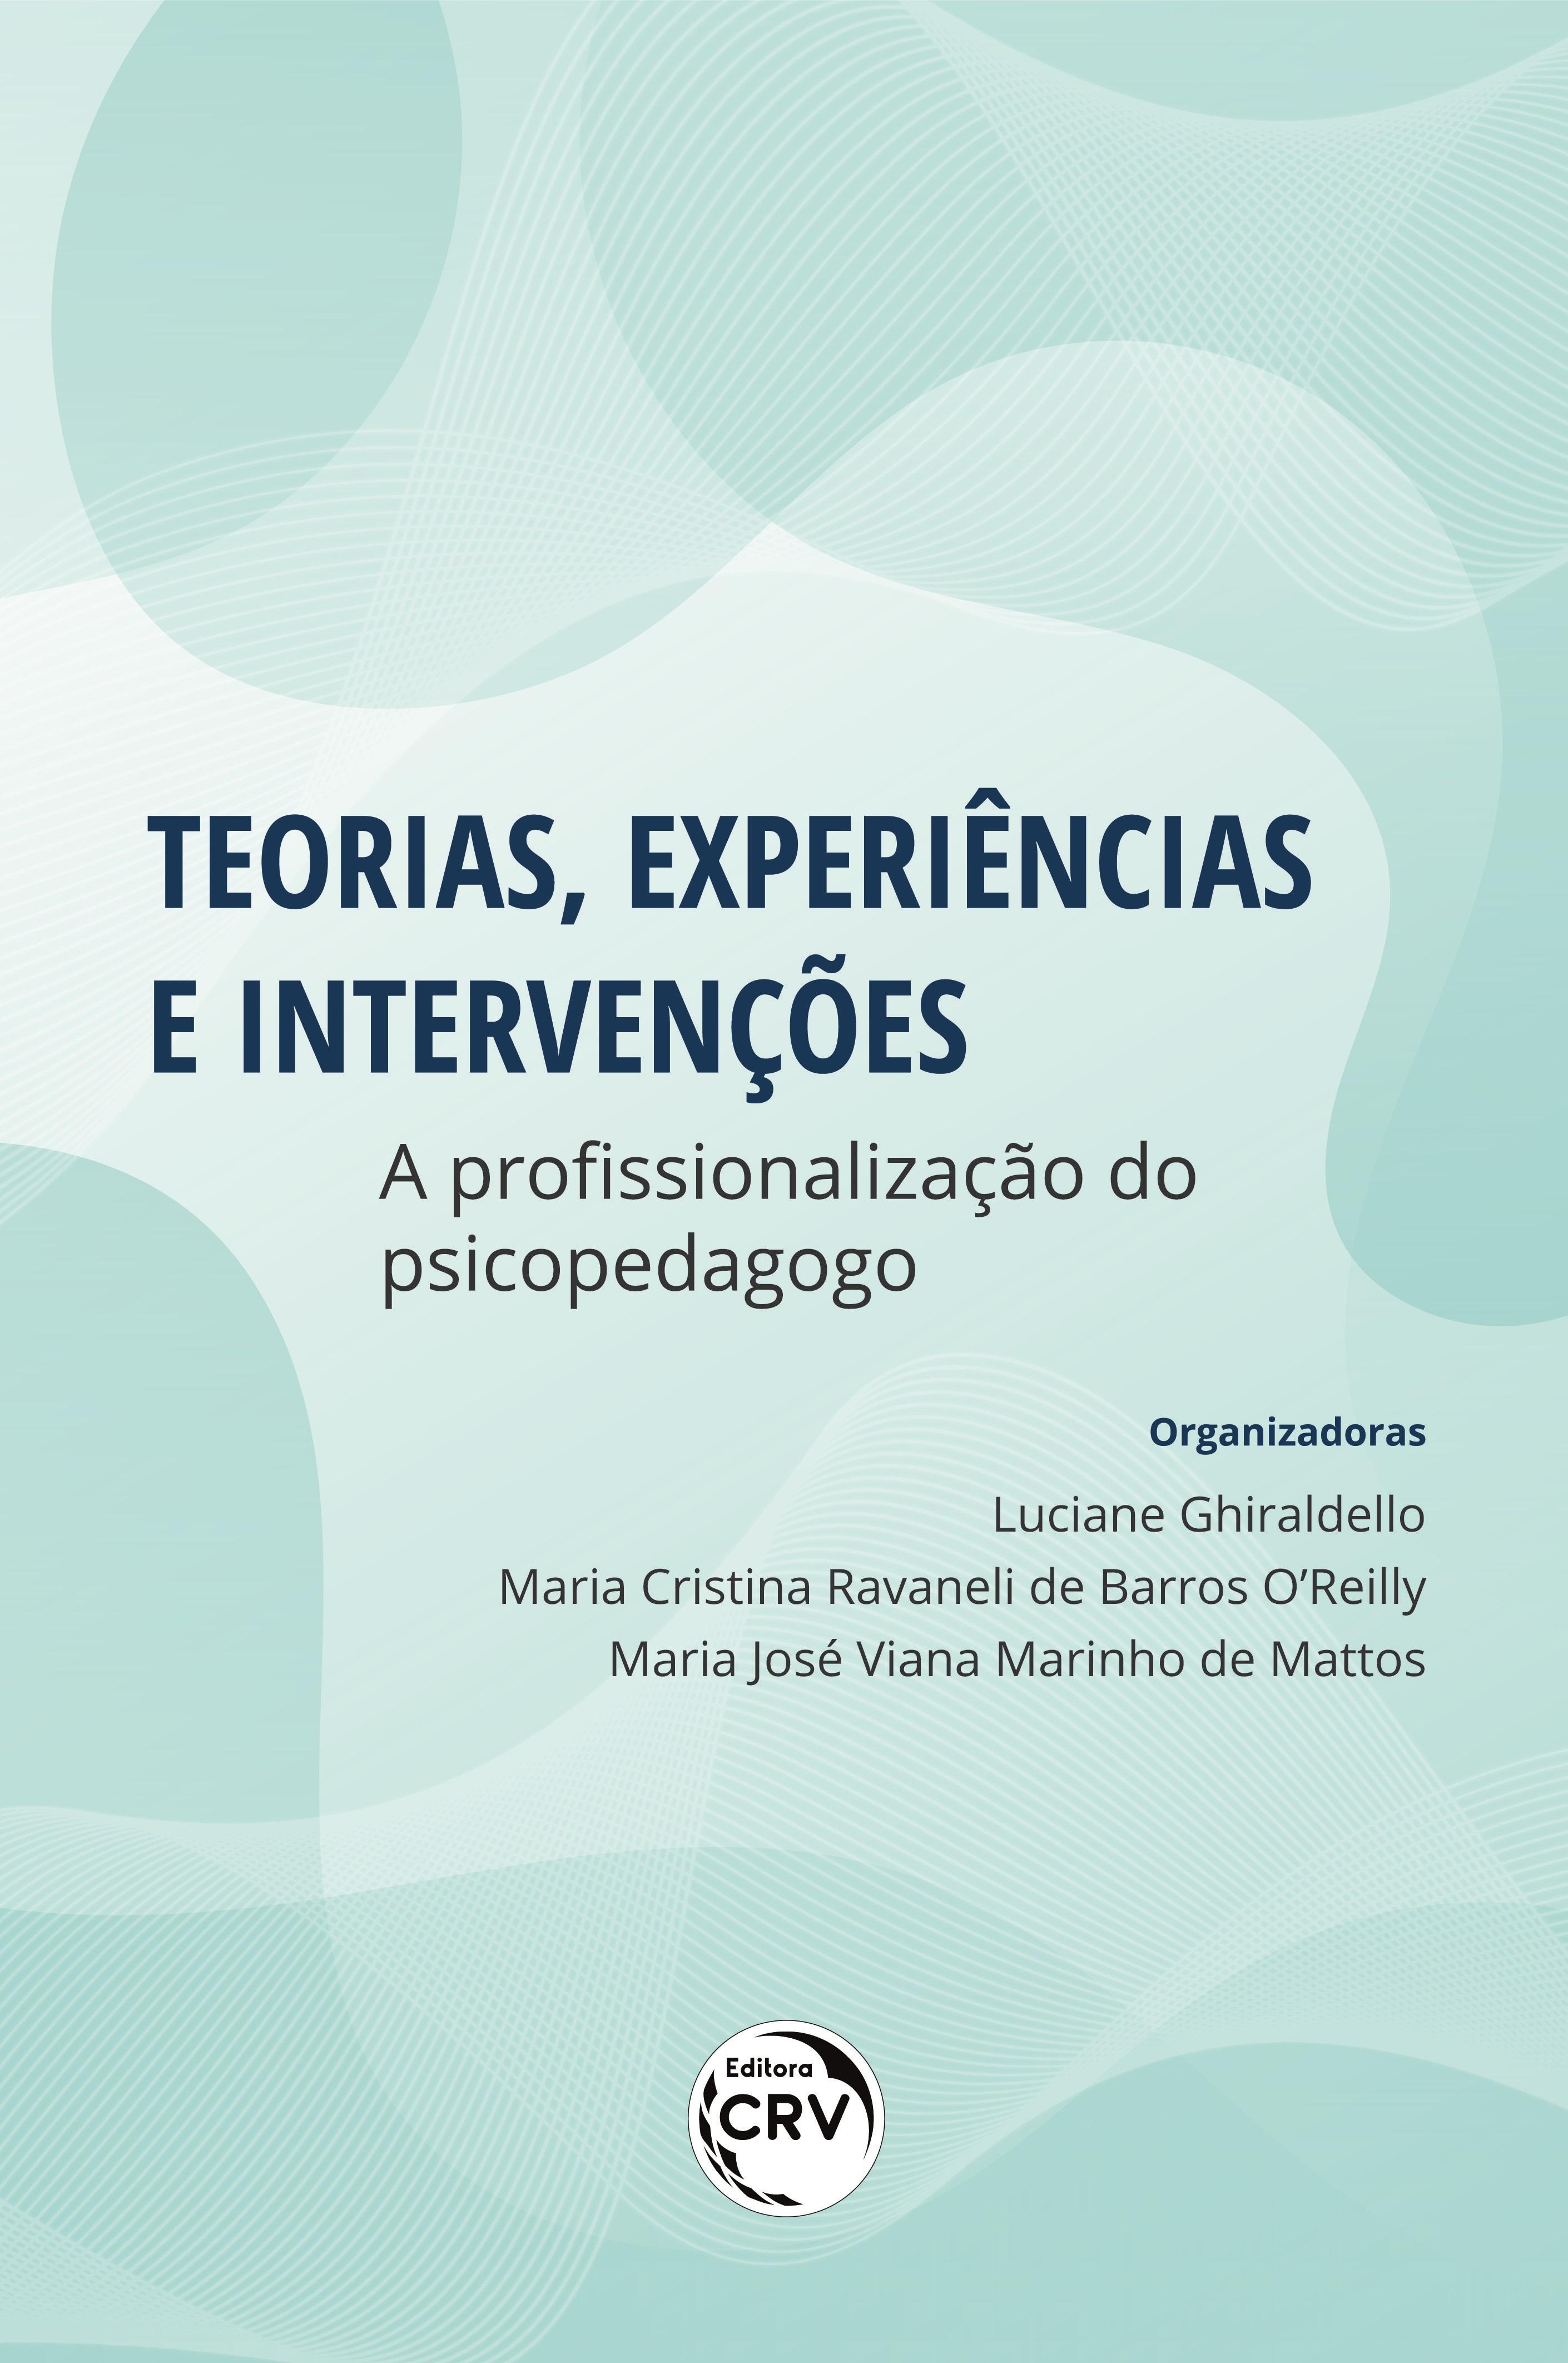 Capa do livro: TEORIAS, EXPERIÊNCIAS E INTERVENÇÕES: <br>a profissionalização do psicopedagogo